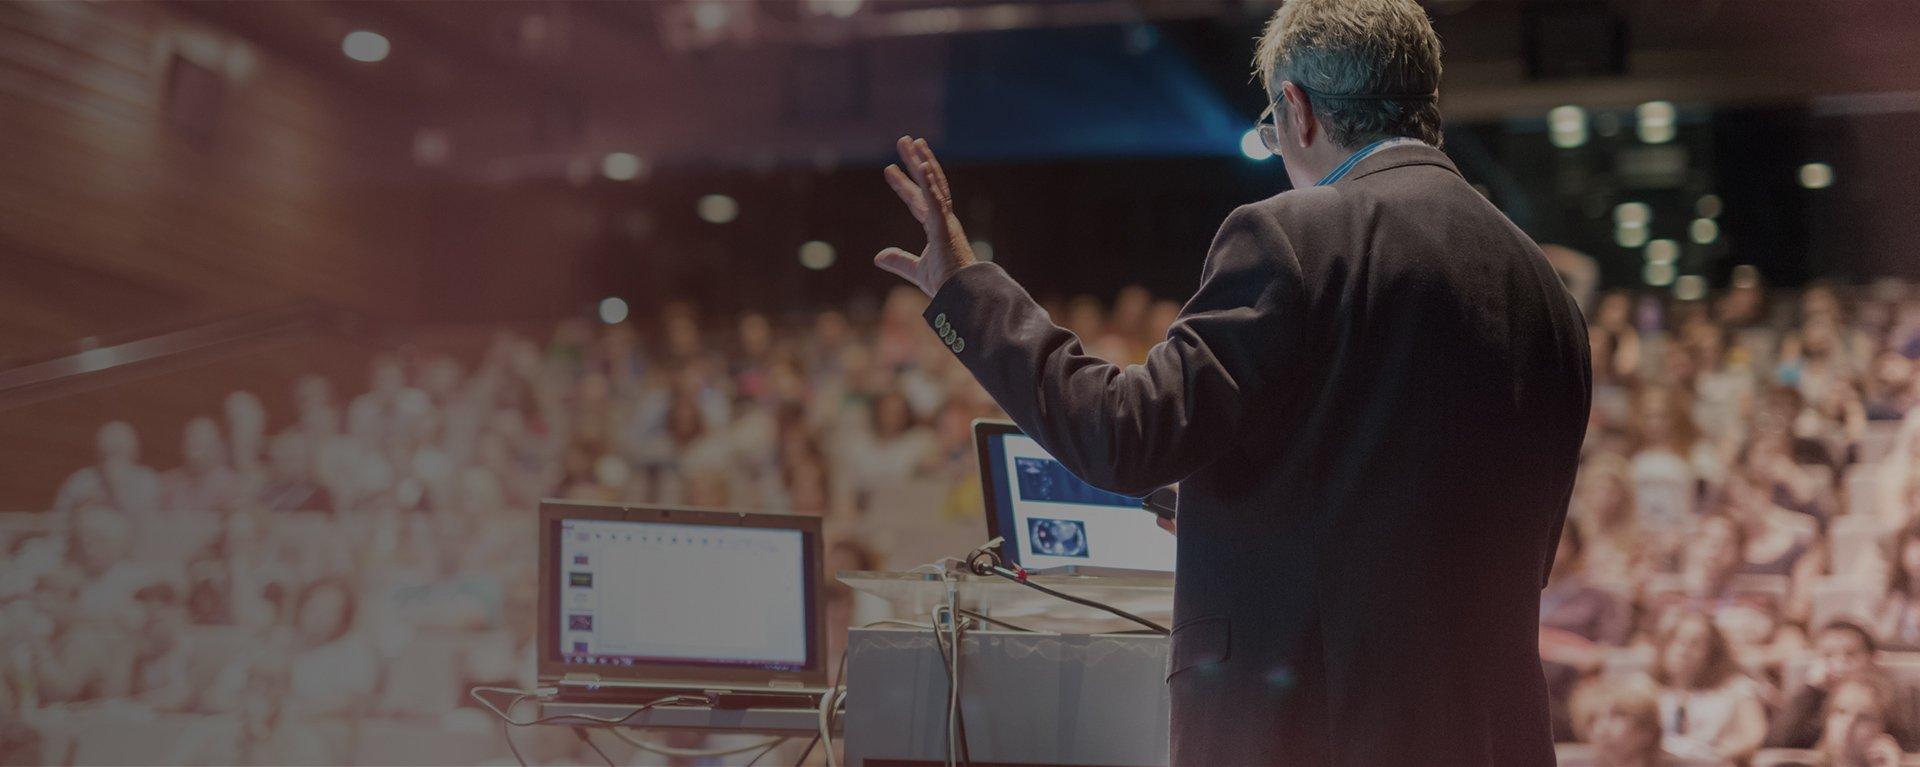 12 dicas para organizar um seminário acadêmico